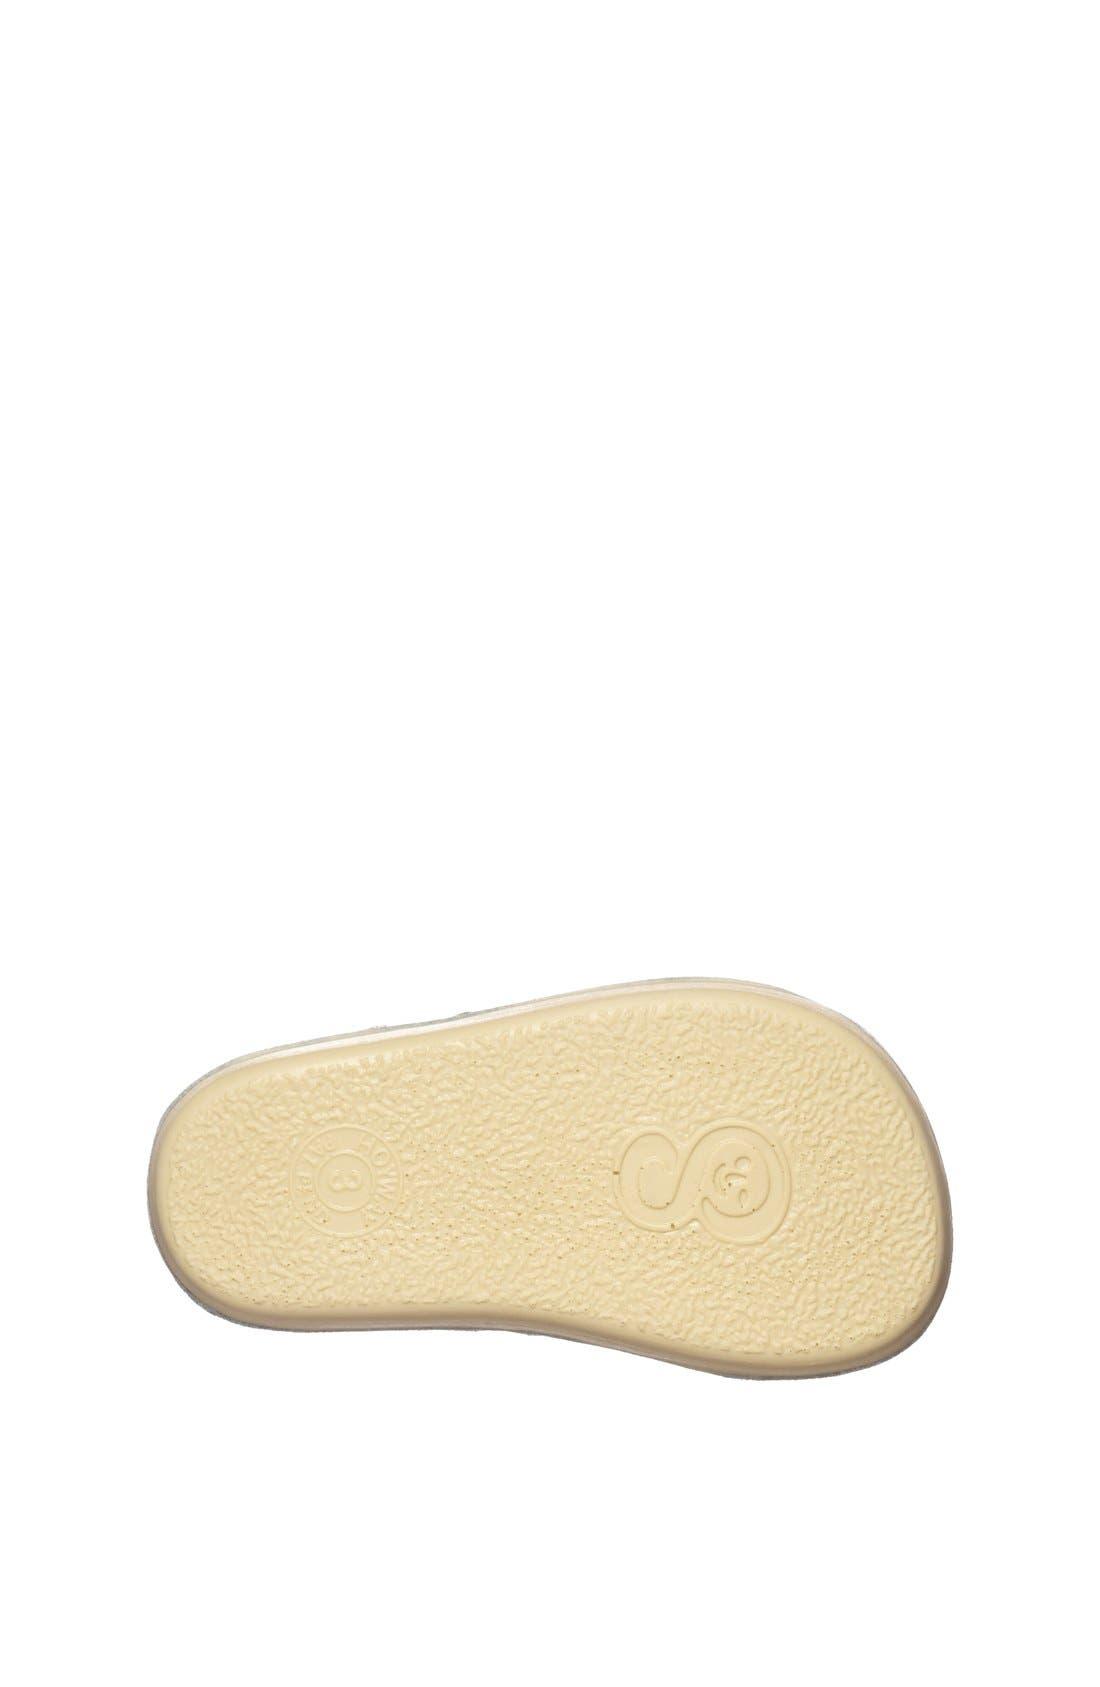 Hoy Shoe Salt-Water<sup>®</sup> Sandals 'Surfer' Sandal,                             Alternate thumbnail 3, color,